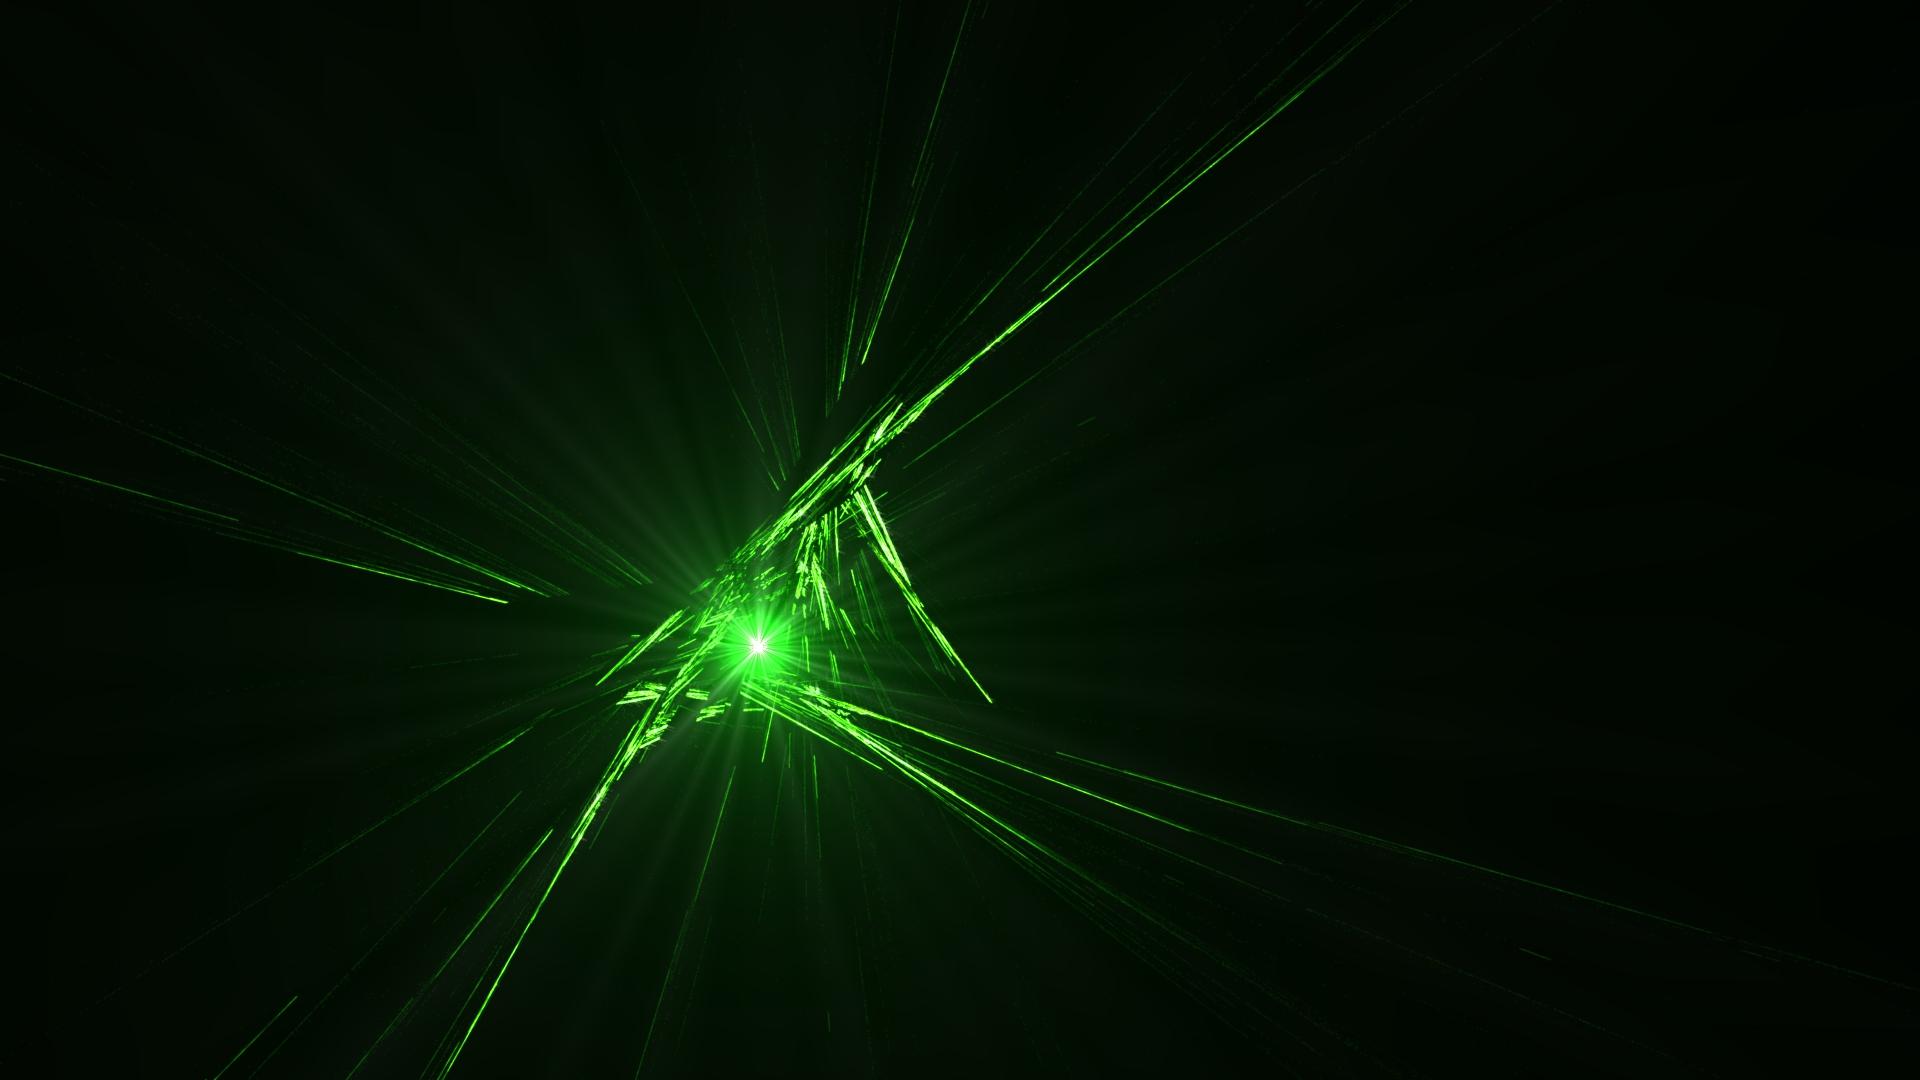 download broken glass 2560x1440 - photo #40